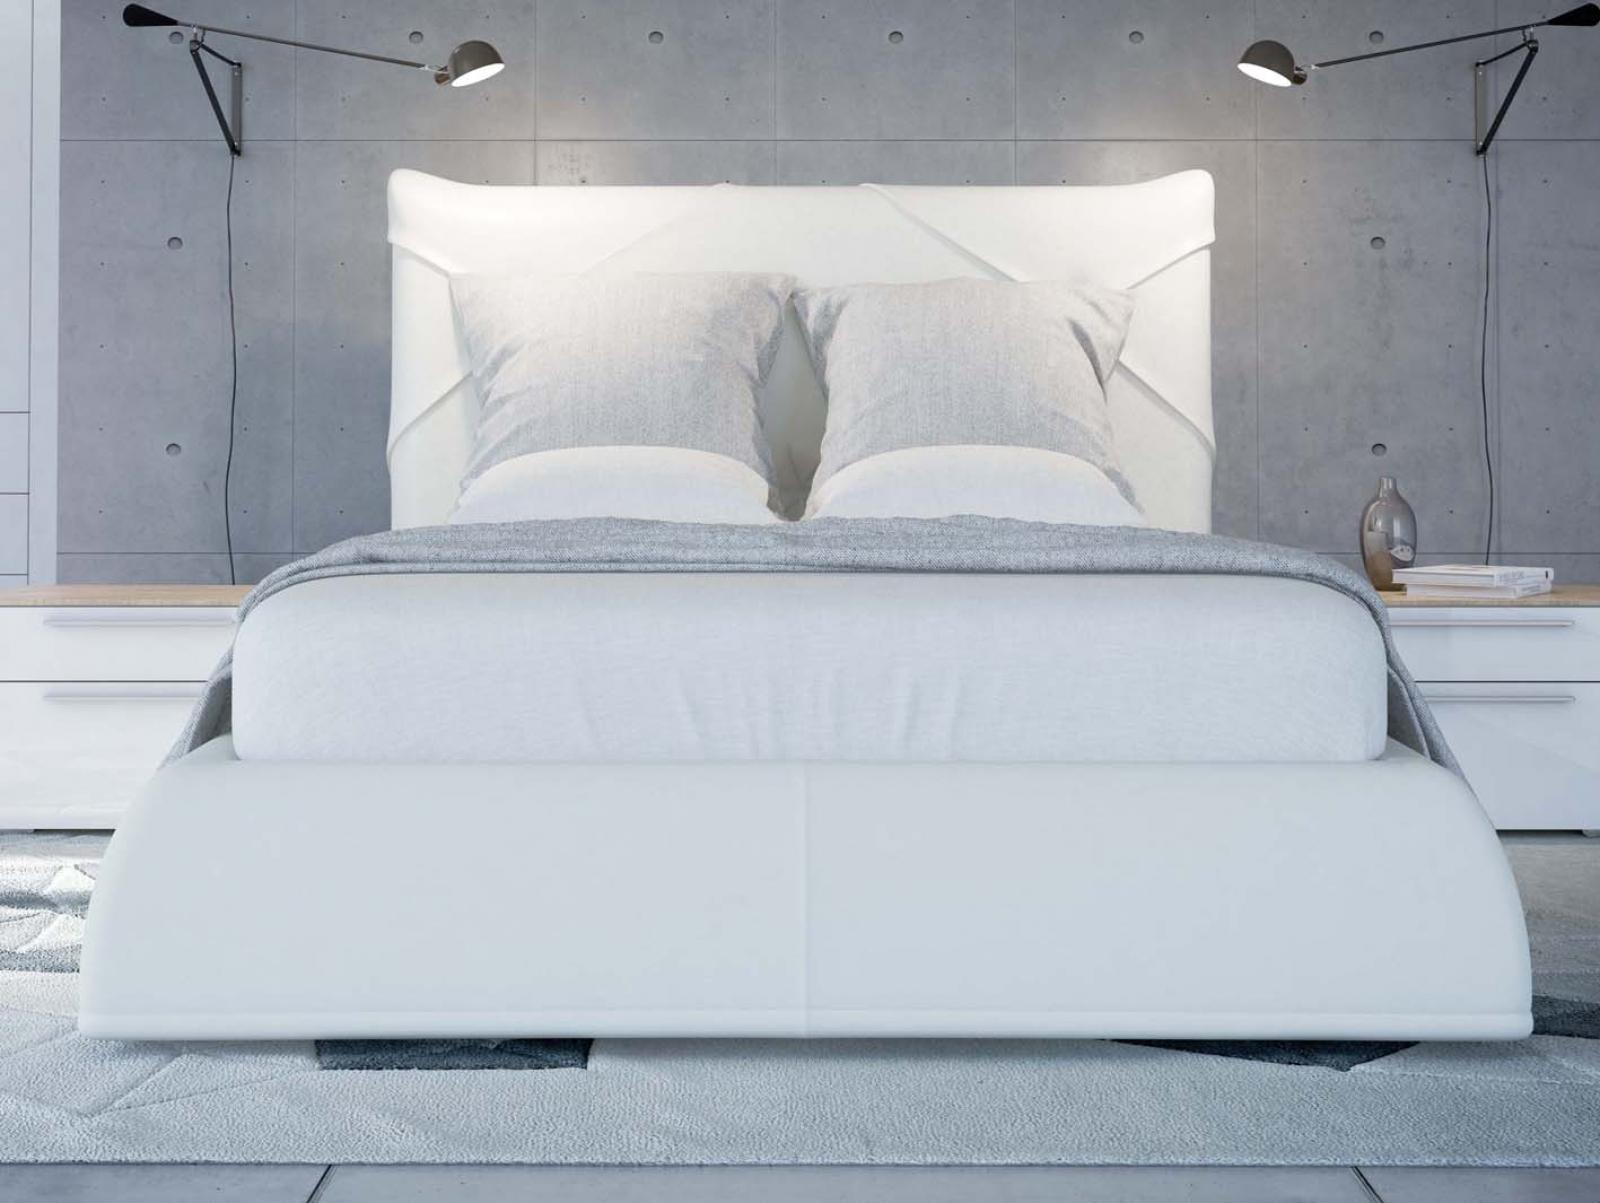 SOLO Коричневый глянец 800.0814-K Кровать для подъемного основания  1400*2000 - 1